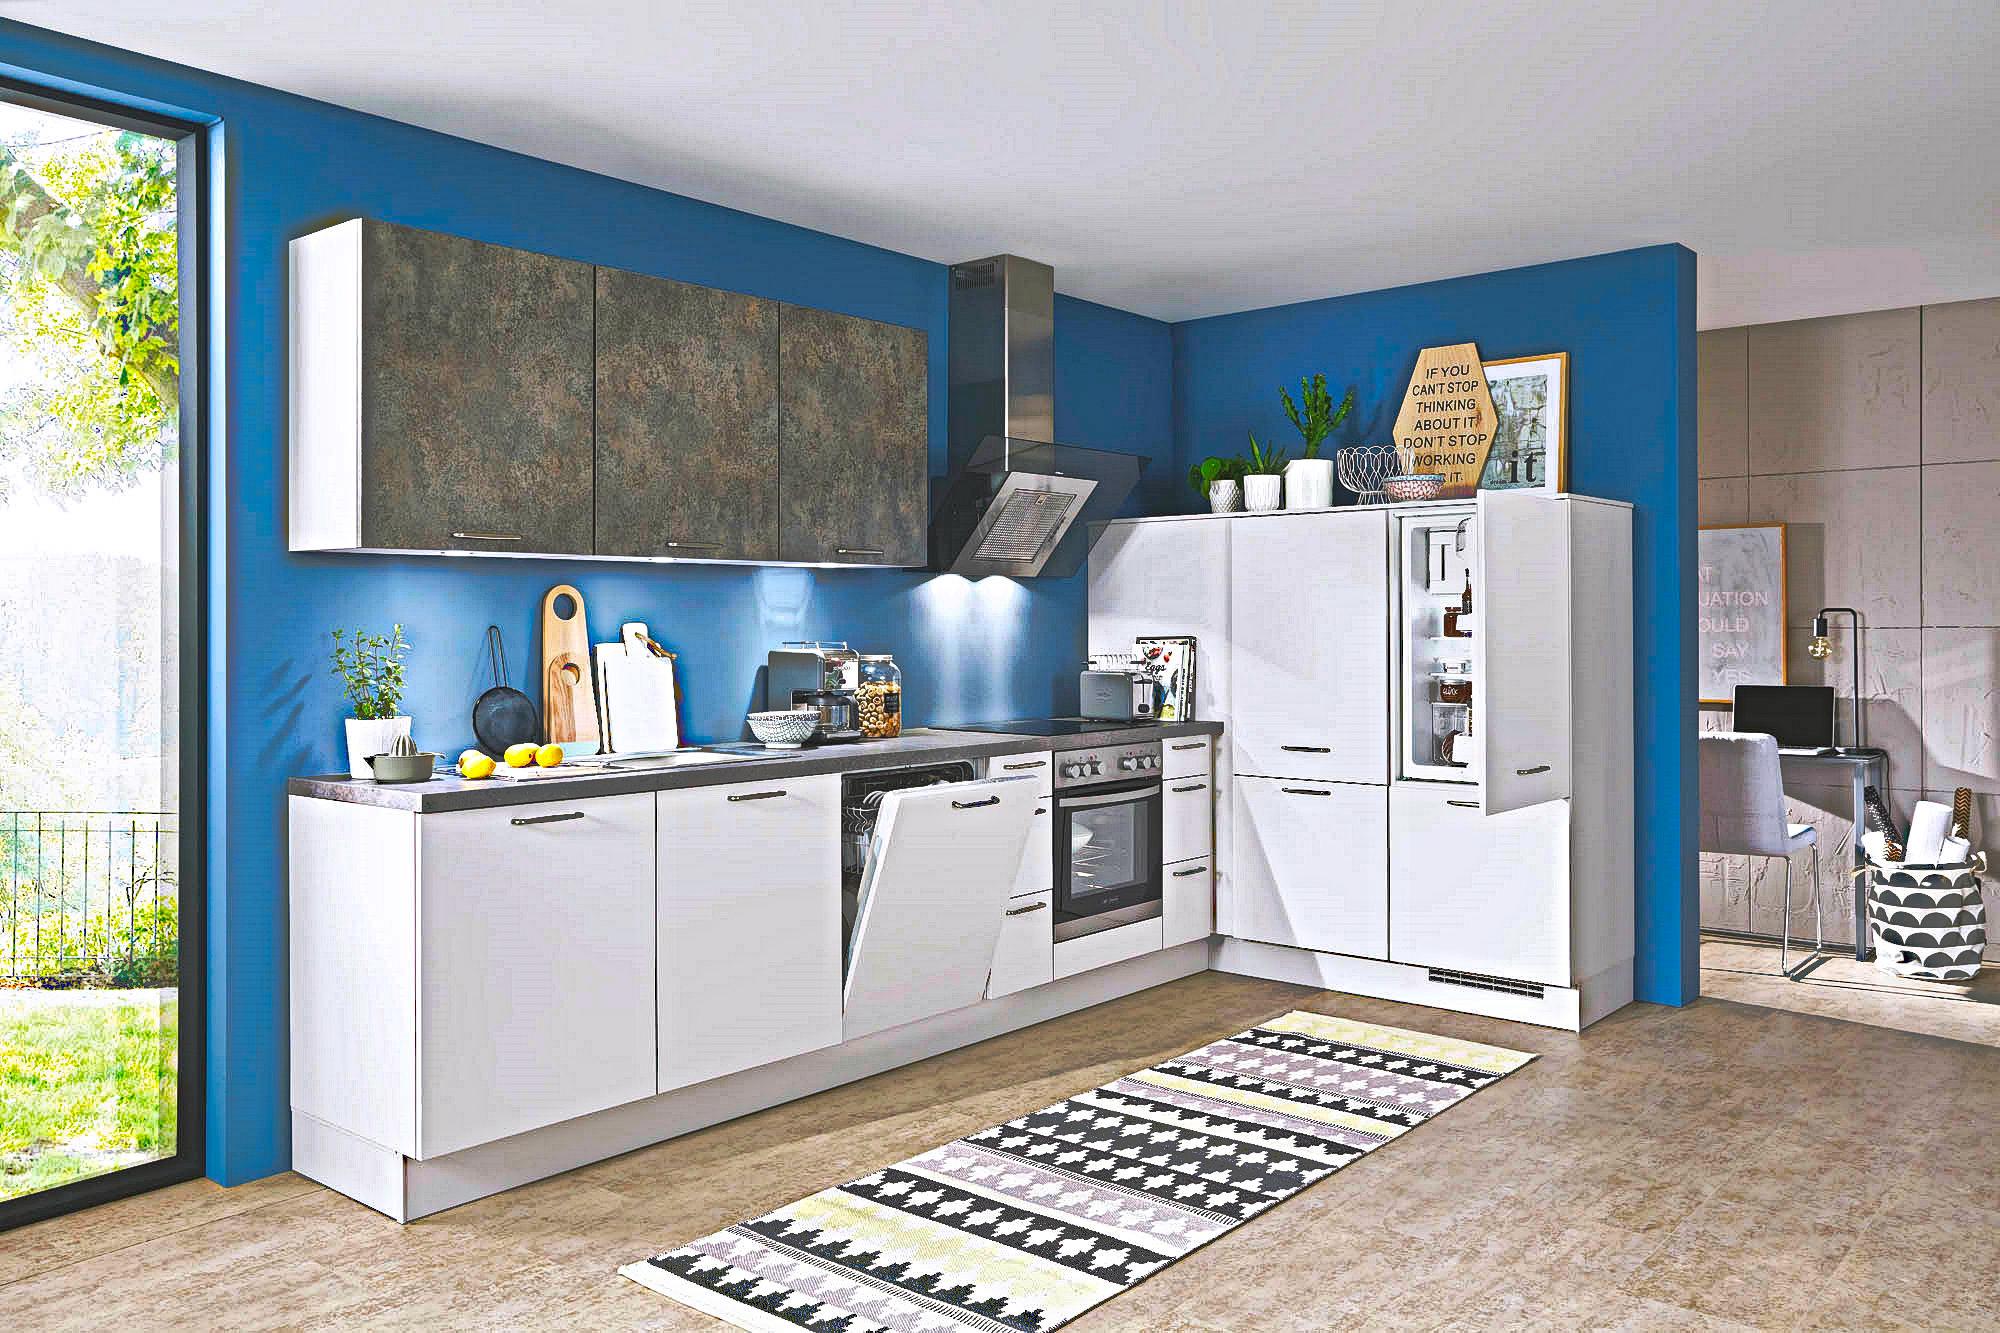 Full Size of Kleine Einbauküchen Billig Kleine Einbauküche Verkaufen Kleine Einbauküche über Eck Kleine Einbauküche Mit Kühlschrank Küche Kleine Einbauküche